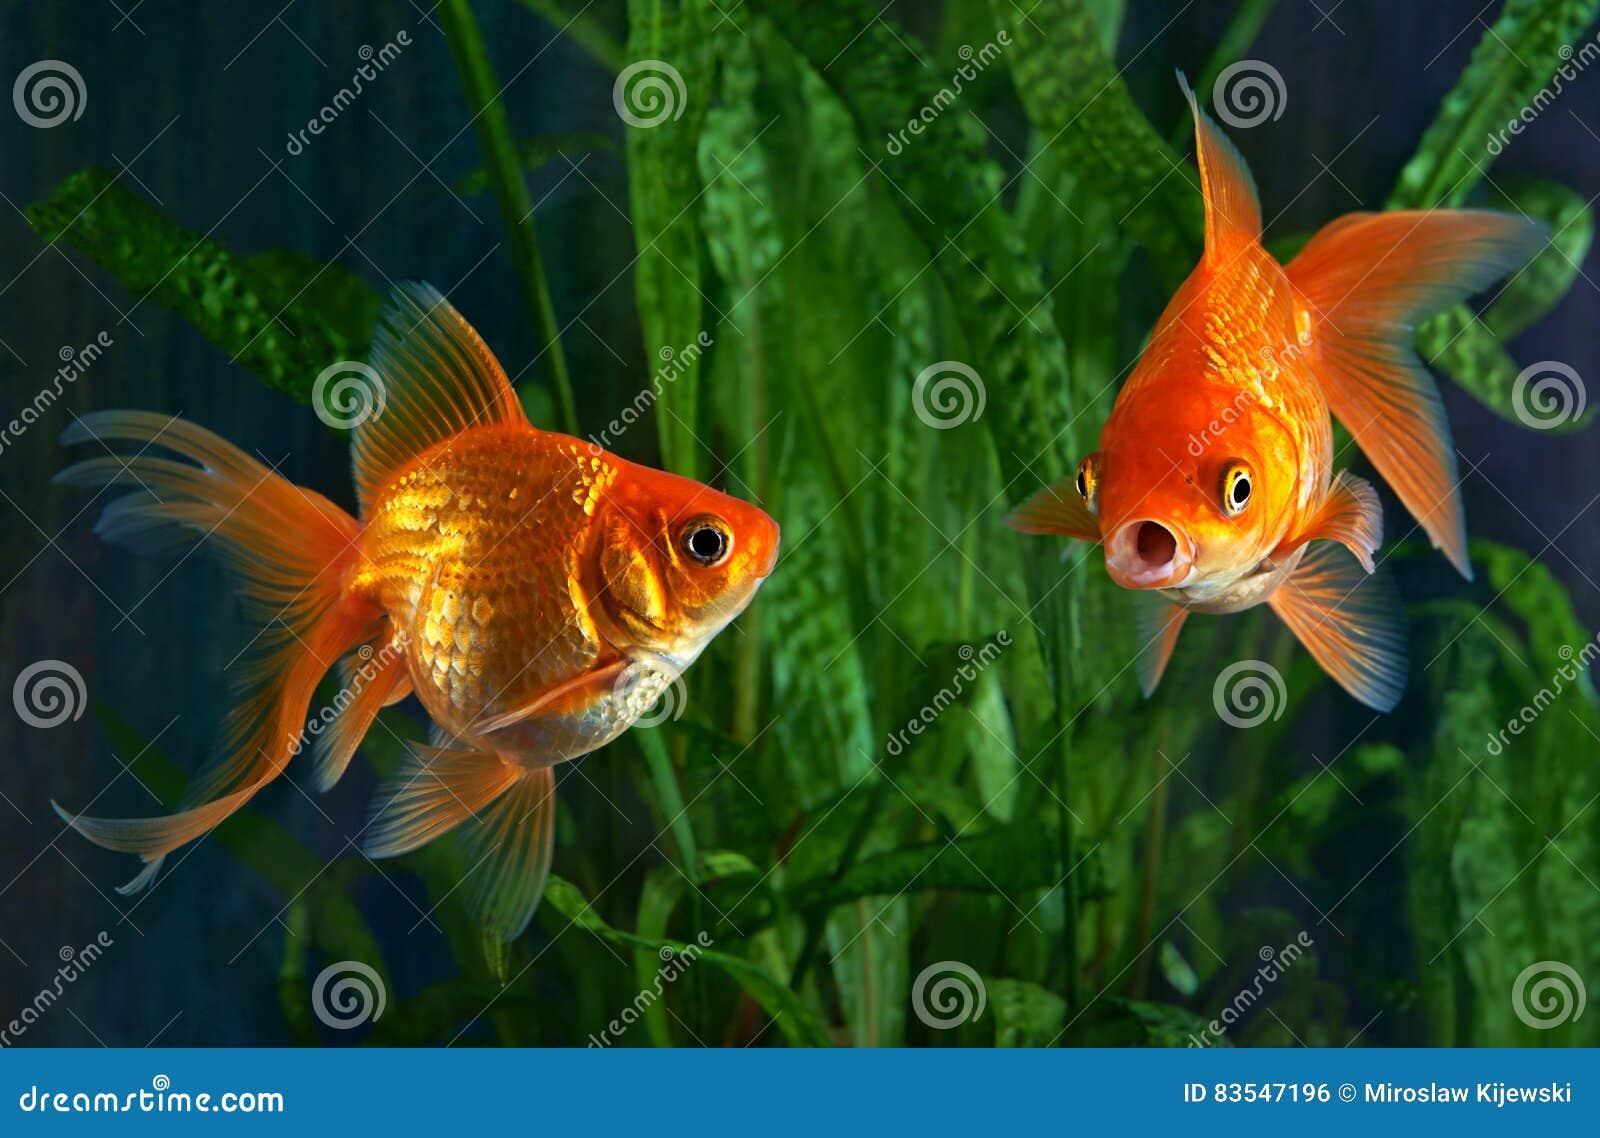 Goldfisch aquarium algen stockfoto bild von gr n for Algen im aquarium